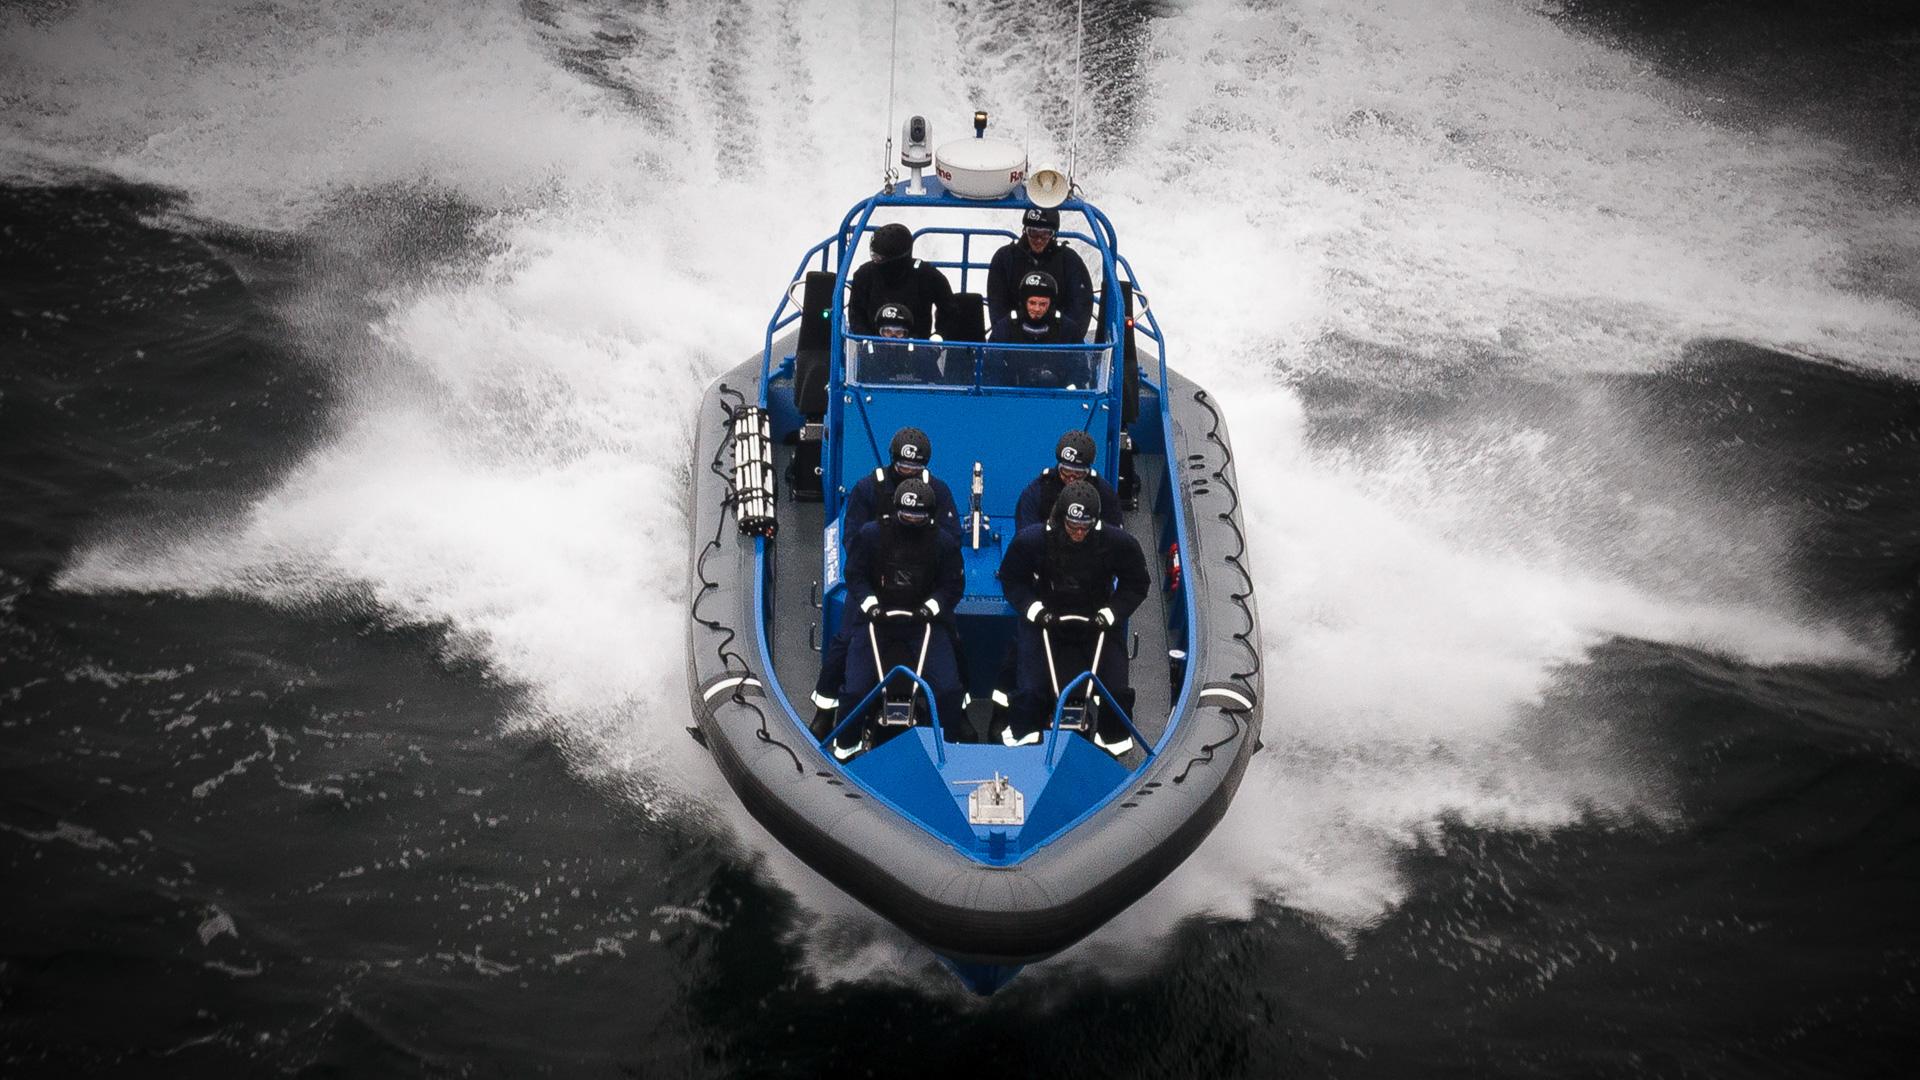 Alusafe 900 Patrol